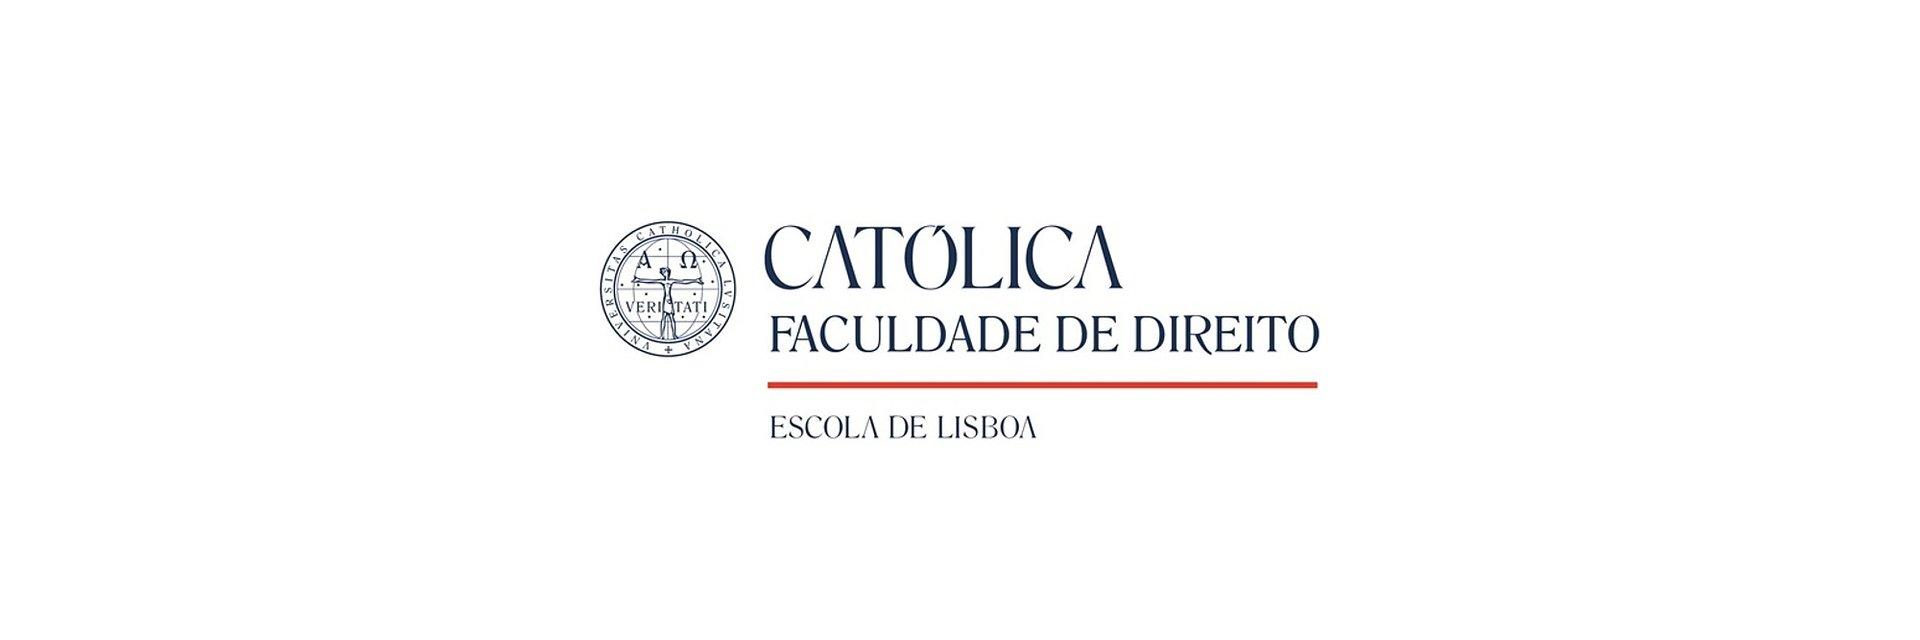 Alunos da Faculdade de Direito da Universidade Católica apoiam imigrantes e refugiados